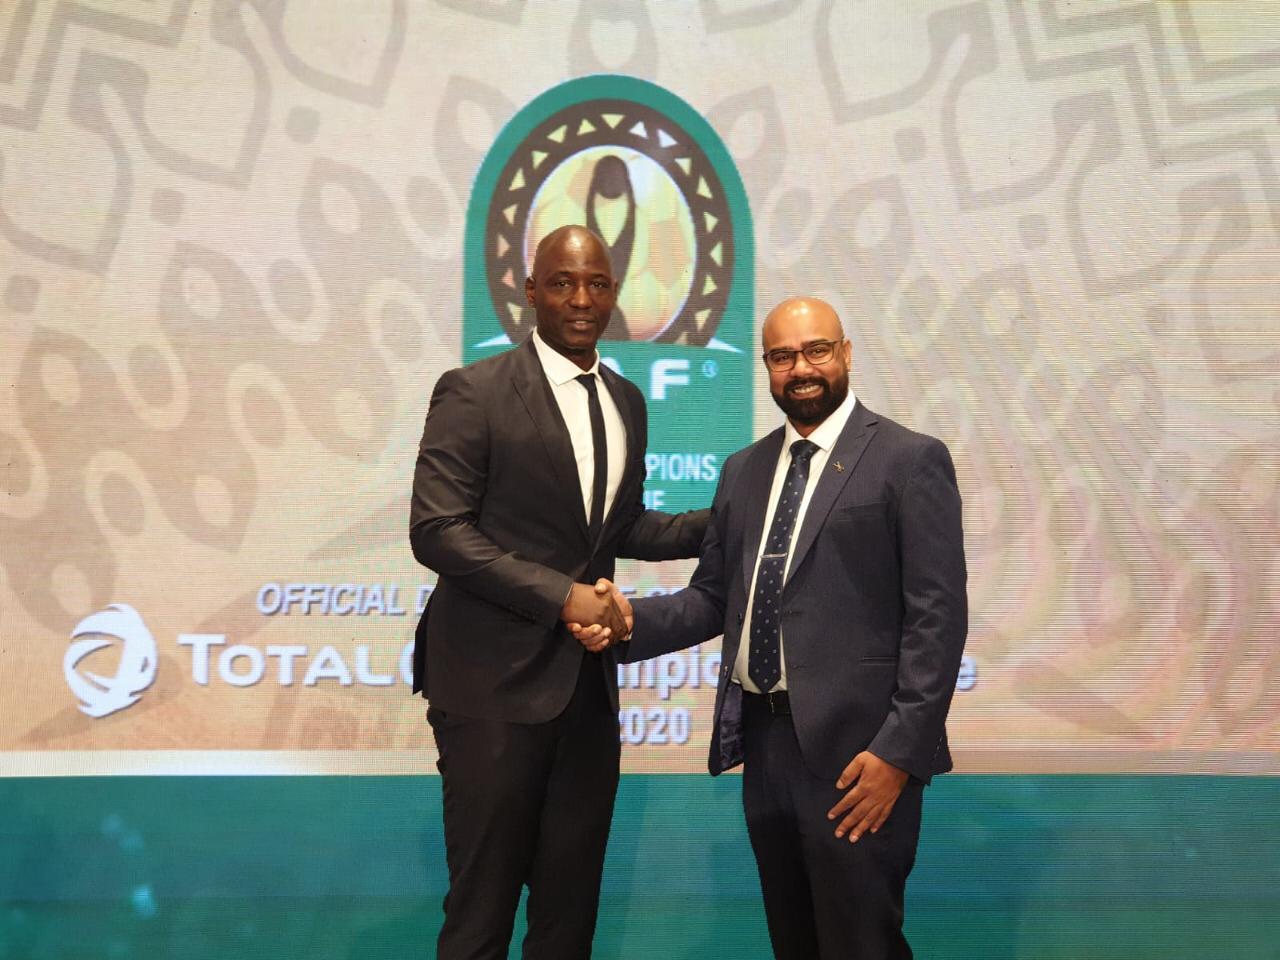 كيونت تحتفل بالذكرى السنوية الثالثة لشراكتها مع الاتحاد الأفريقي